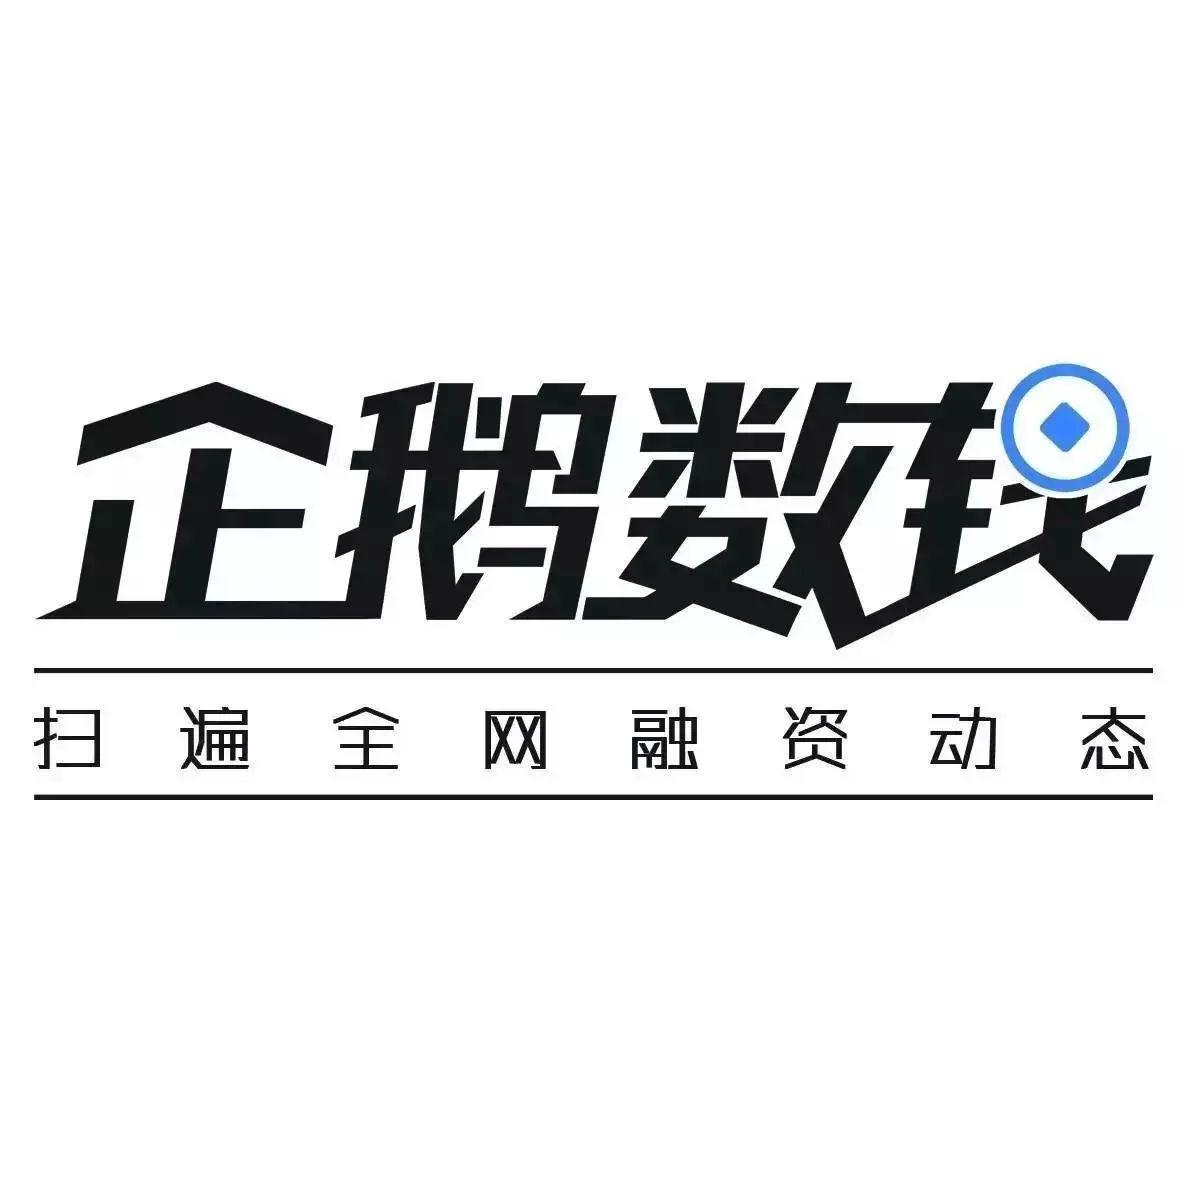 腾讯投资联易融近2亿元人民币,专注于供应链金融服务   投融资日报